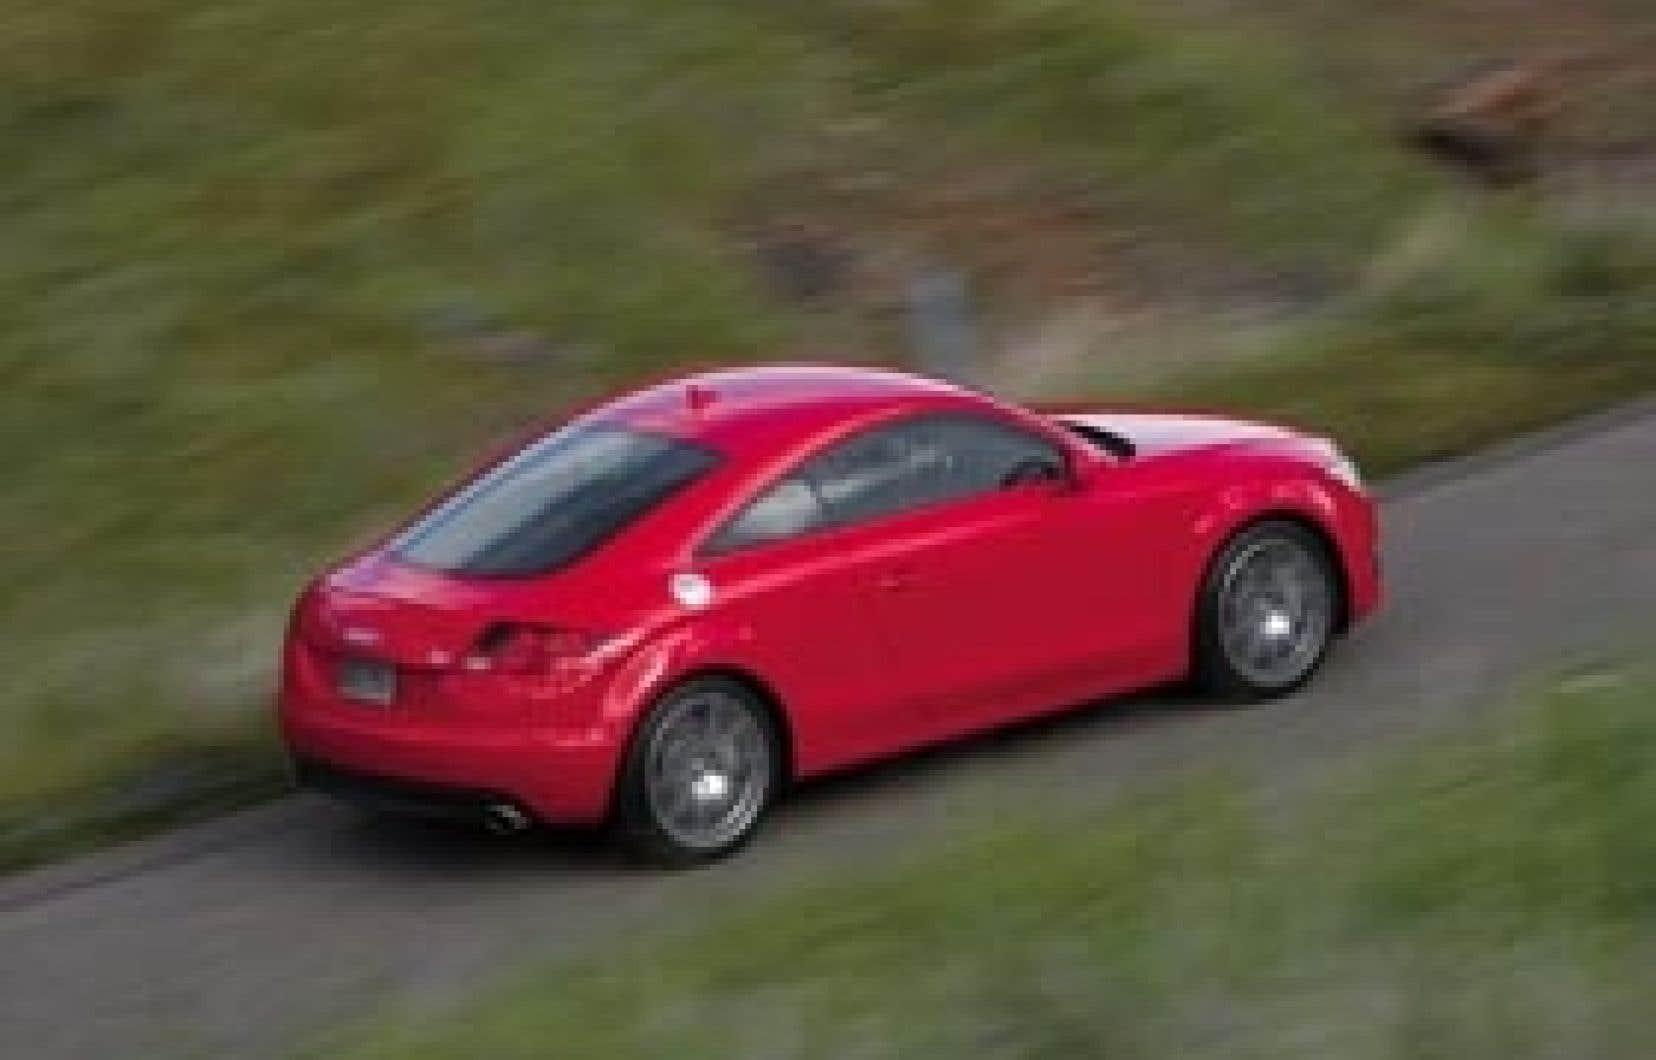 Bien que l'Audi soit orientée vers la performance, sa consommation constitue une agréable surprise.